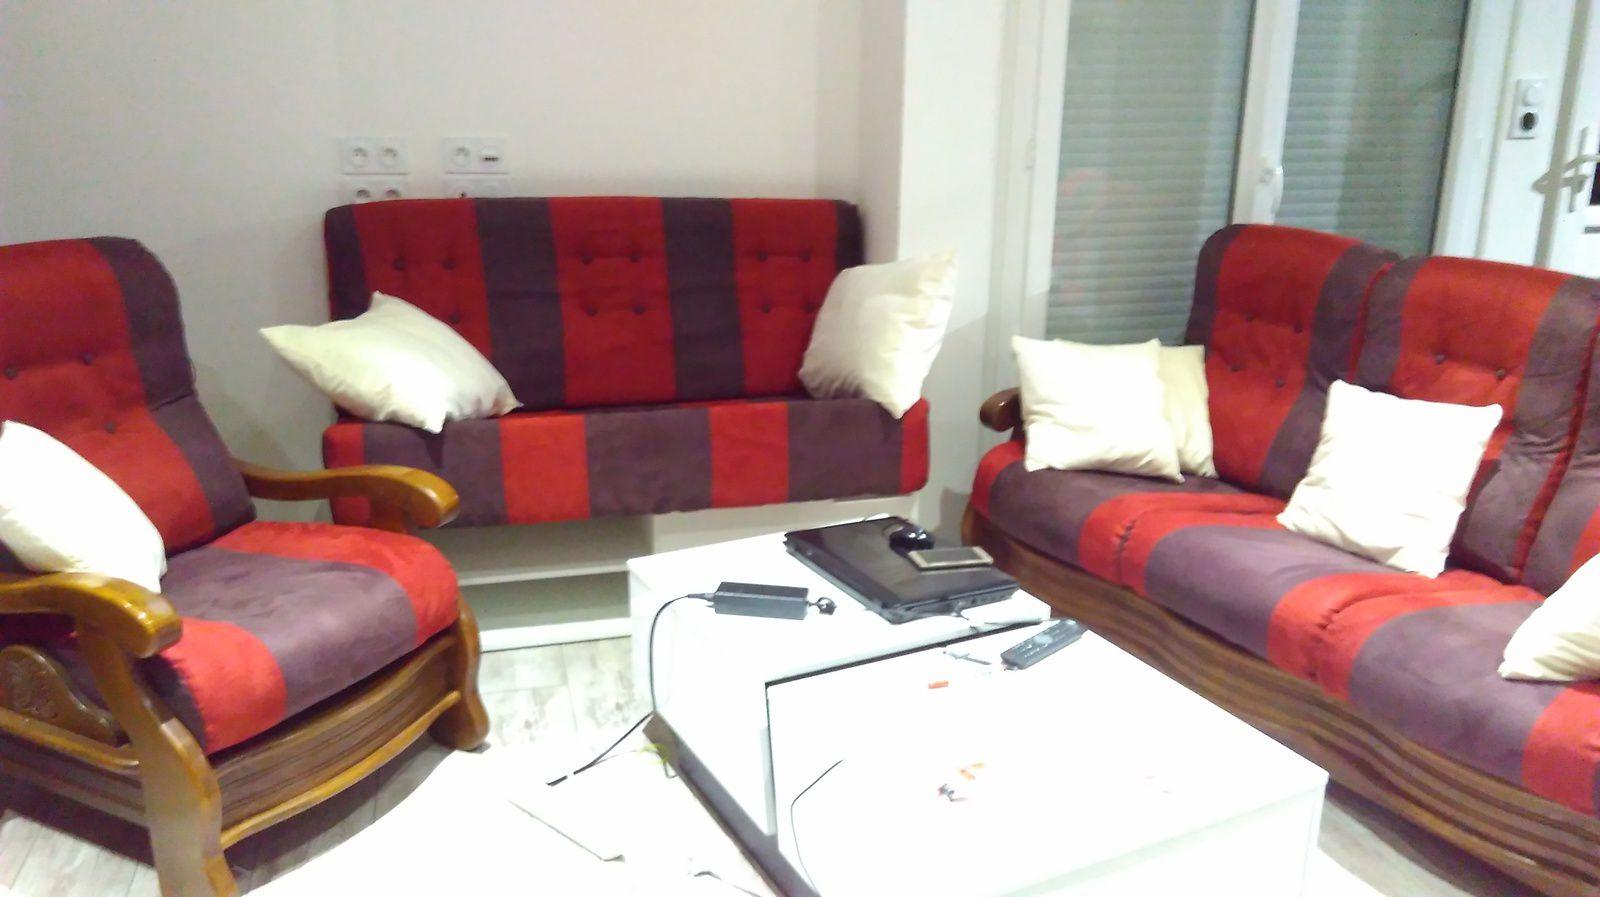 Restauration canapé + 2 fauteuils + création d'une banquette et ses coussins